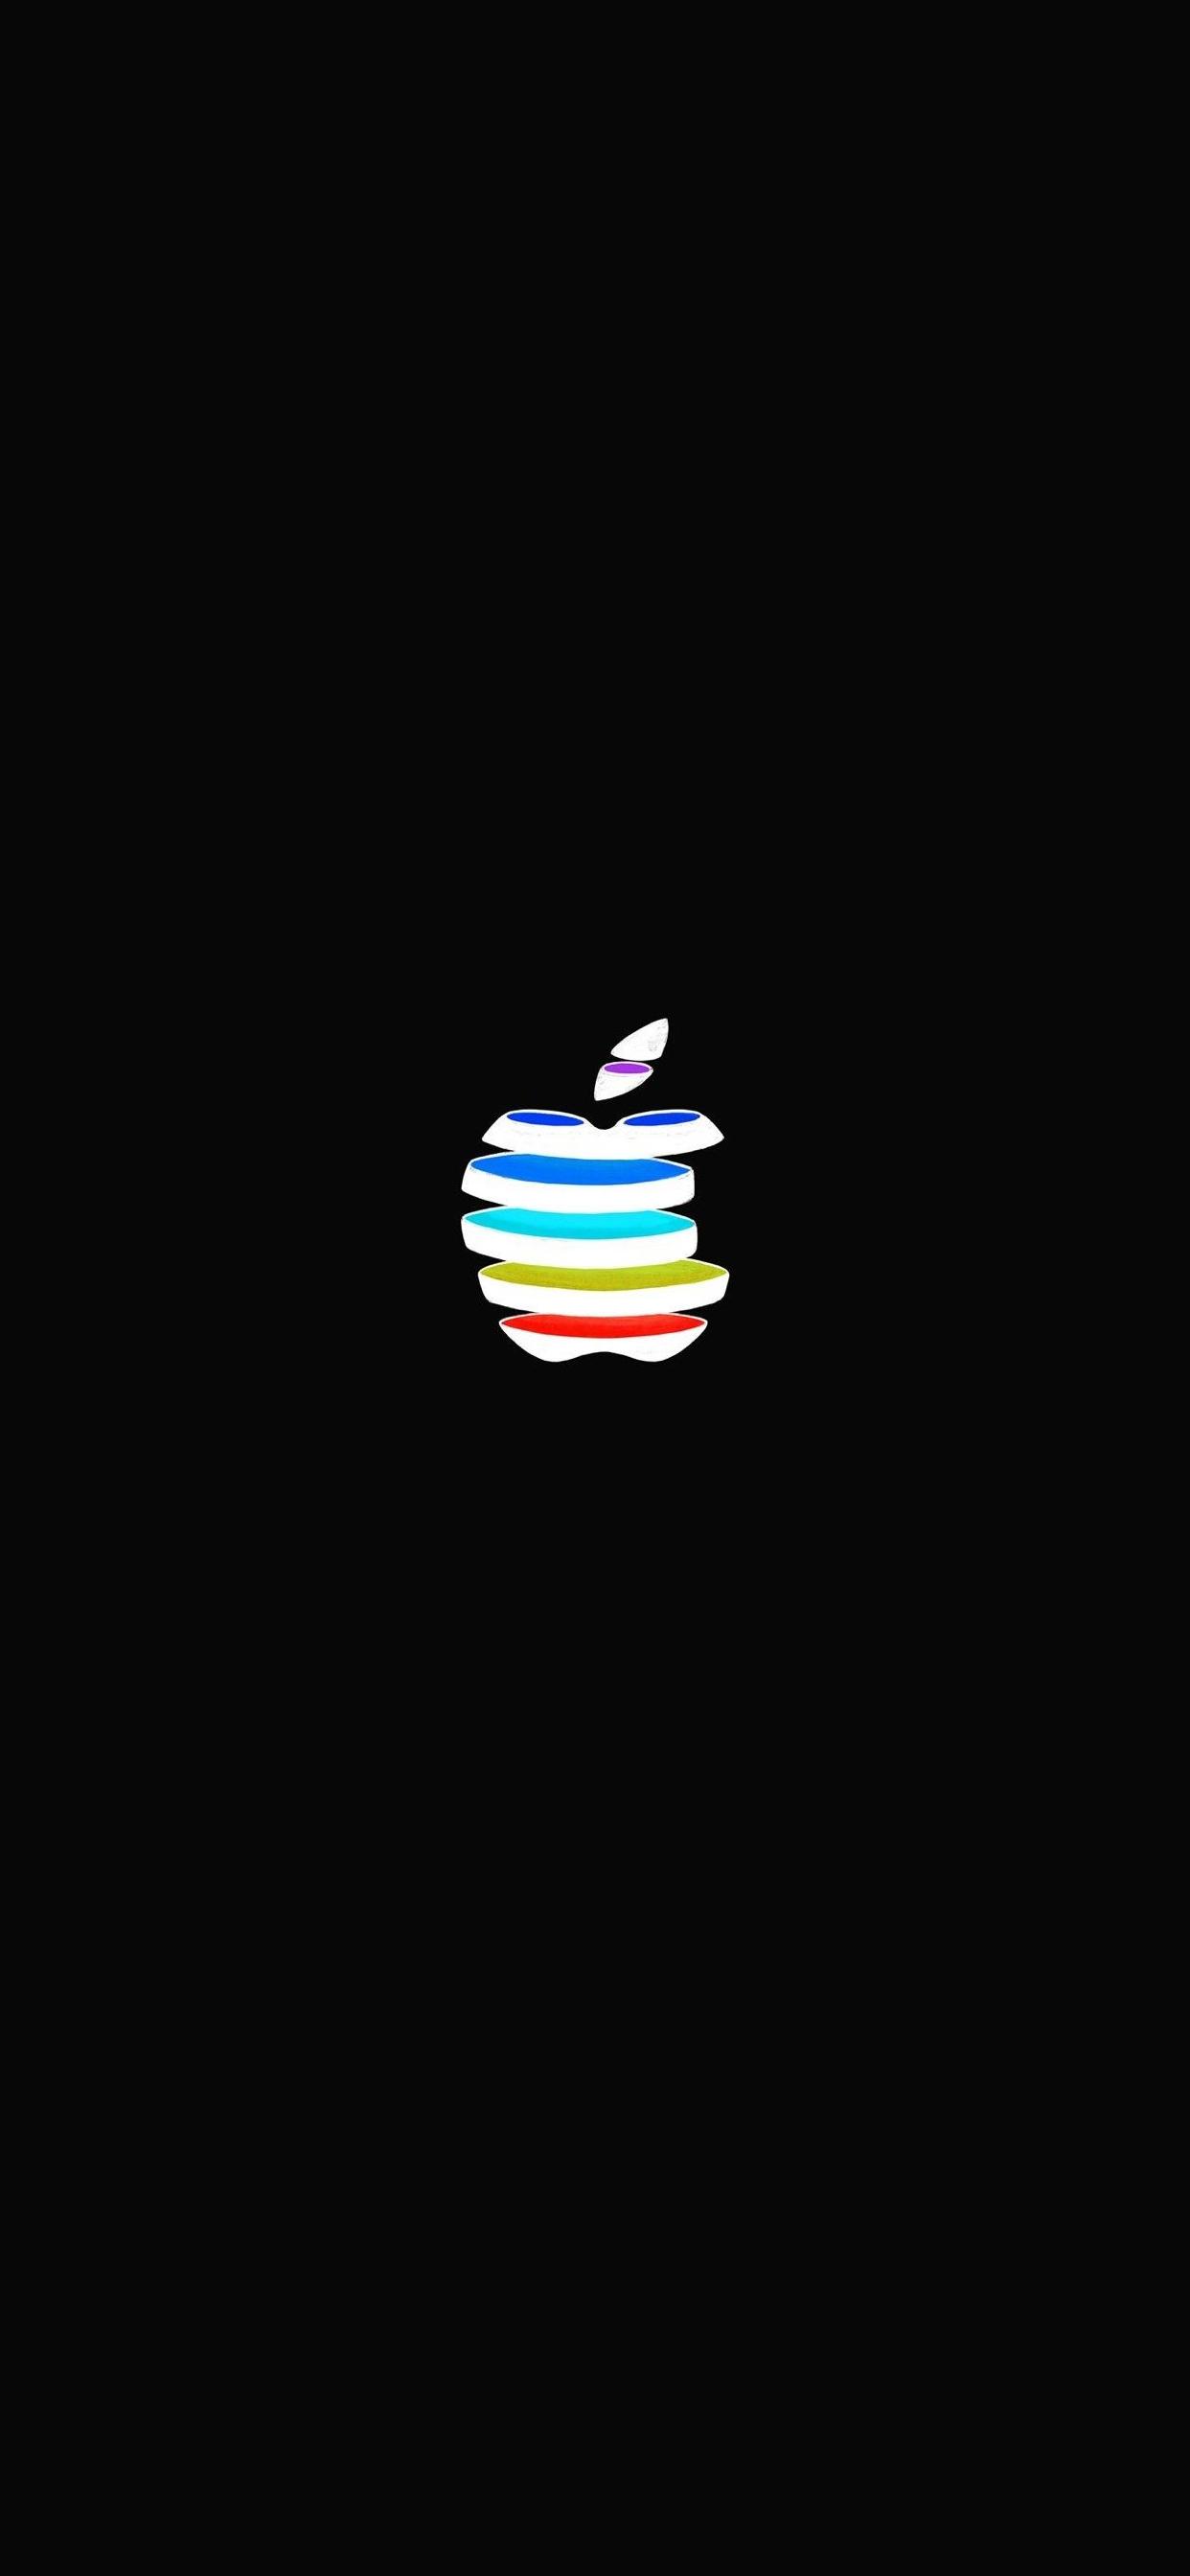 iPhone wallpaper apple logo 16 Fonds décran noirs avec le logo Apple en très haute résolution